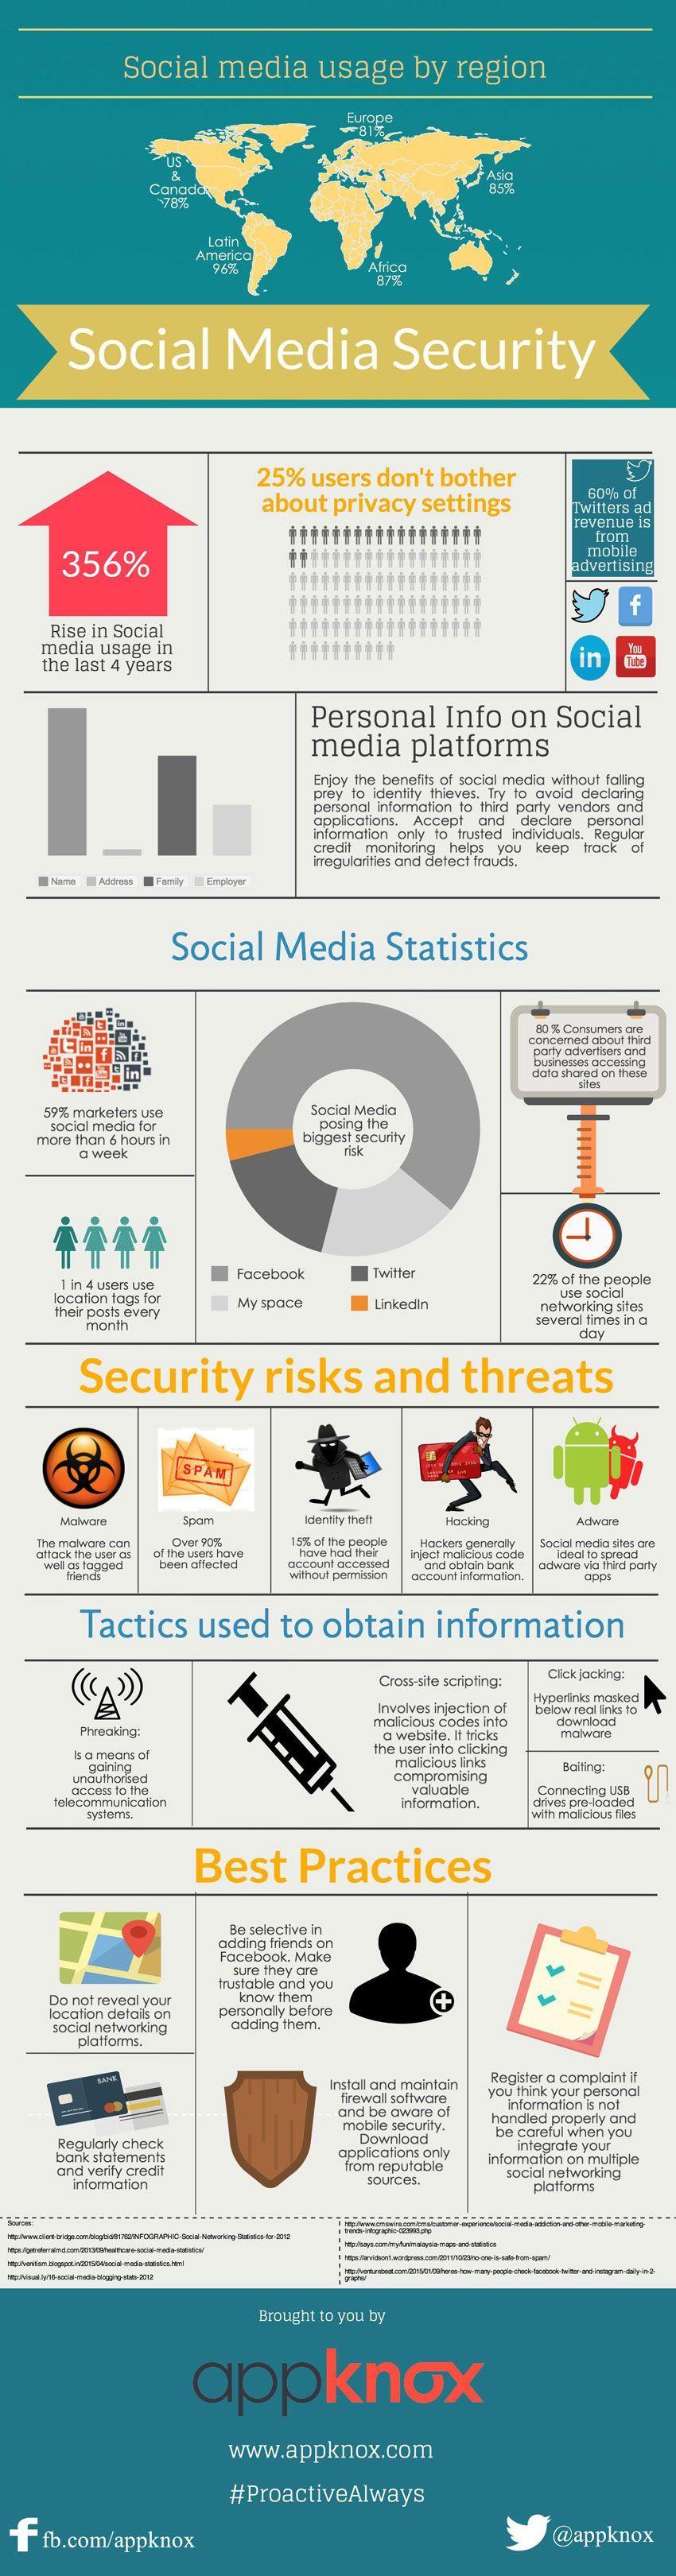 Seguridad en compras de Internet